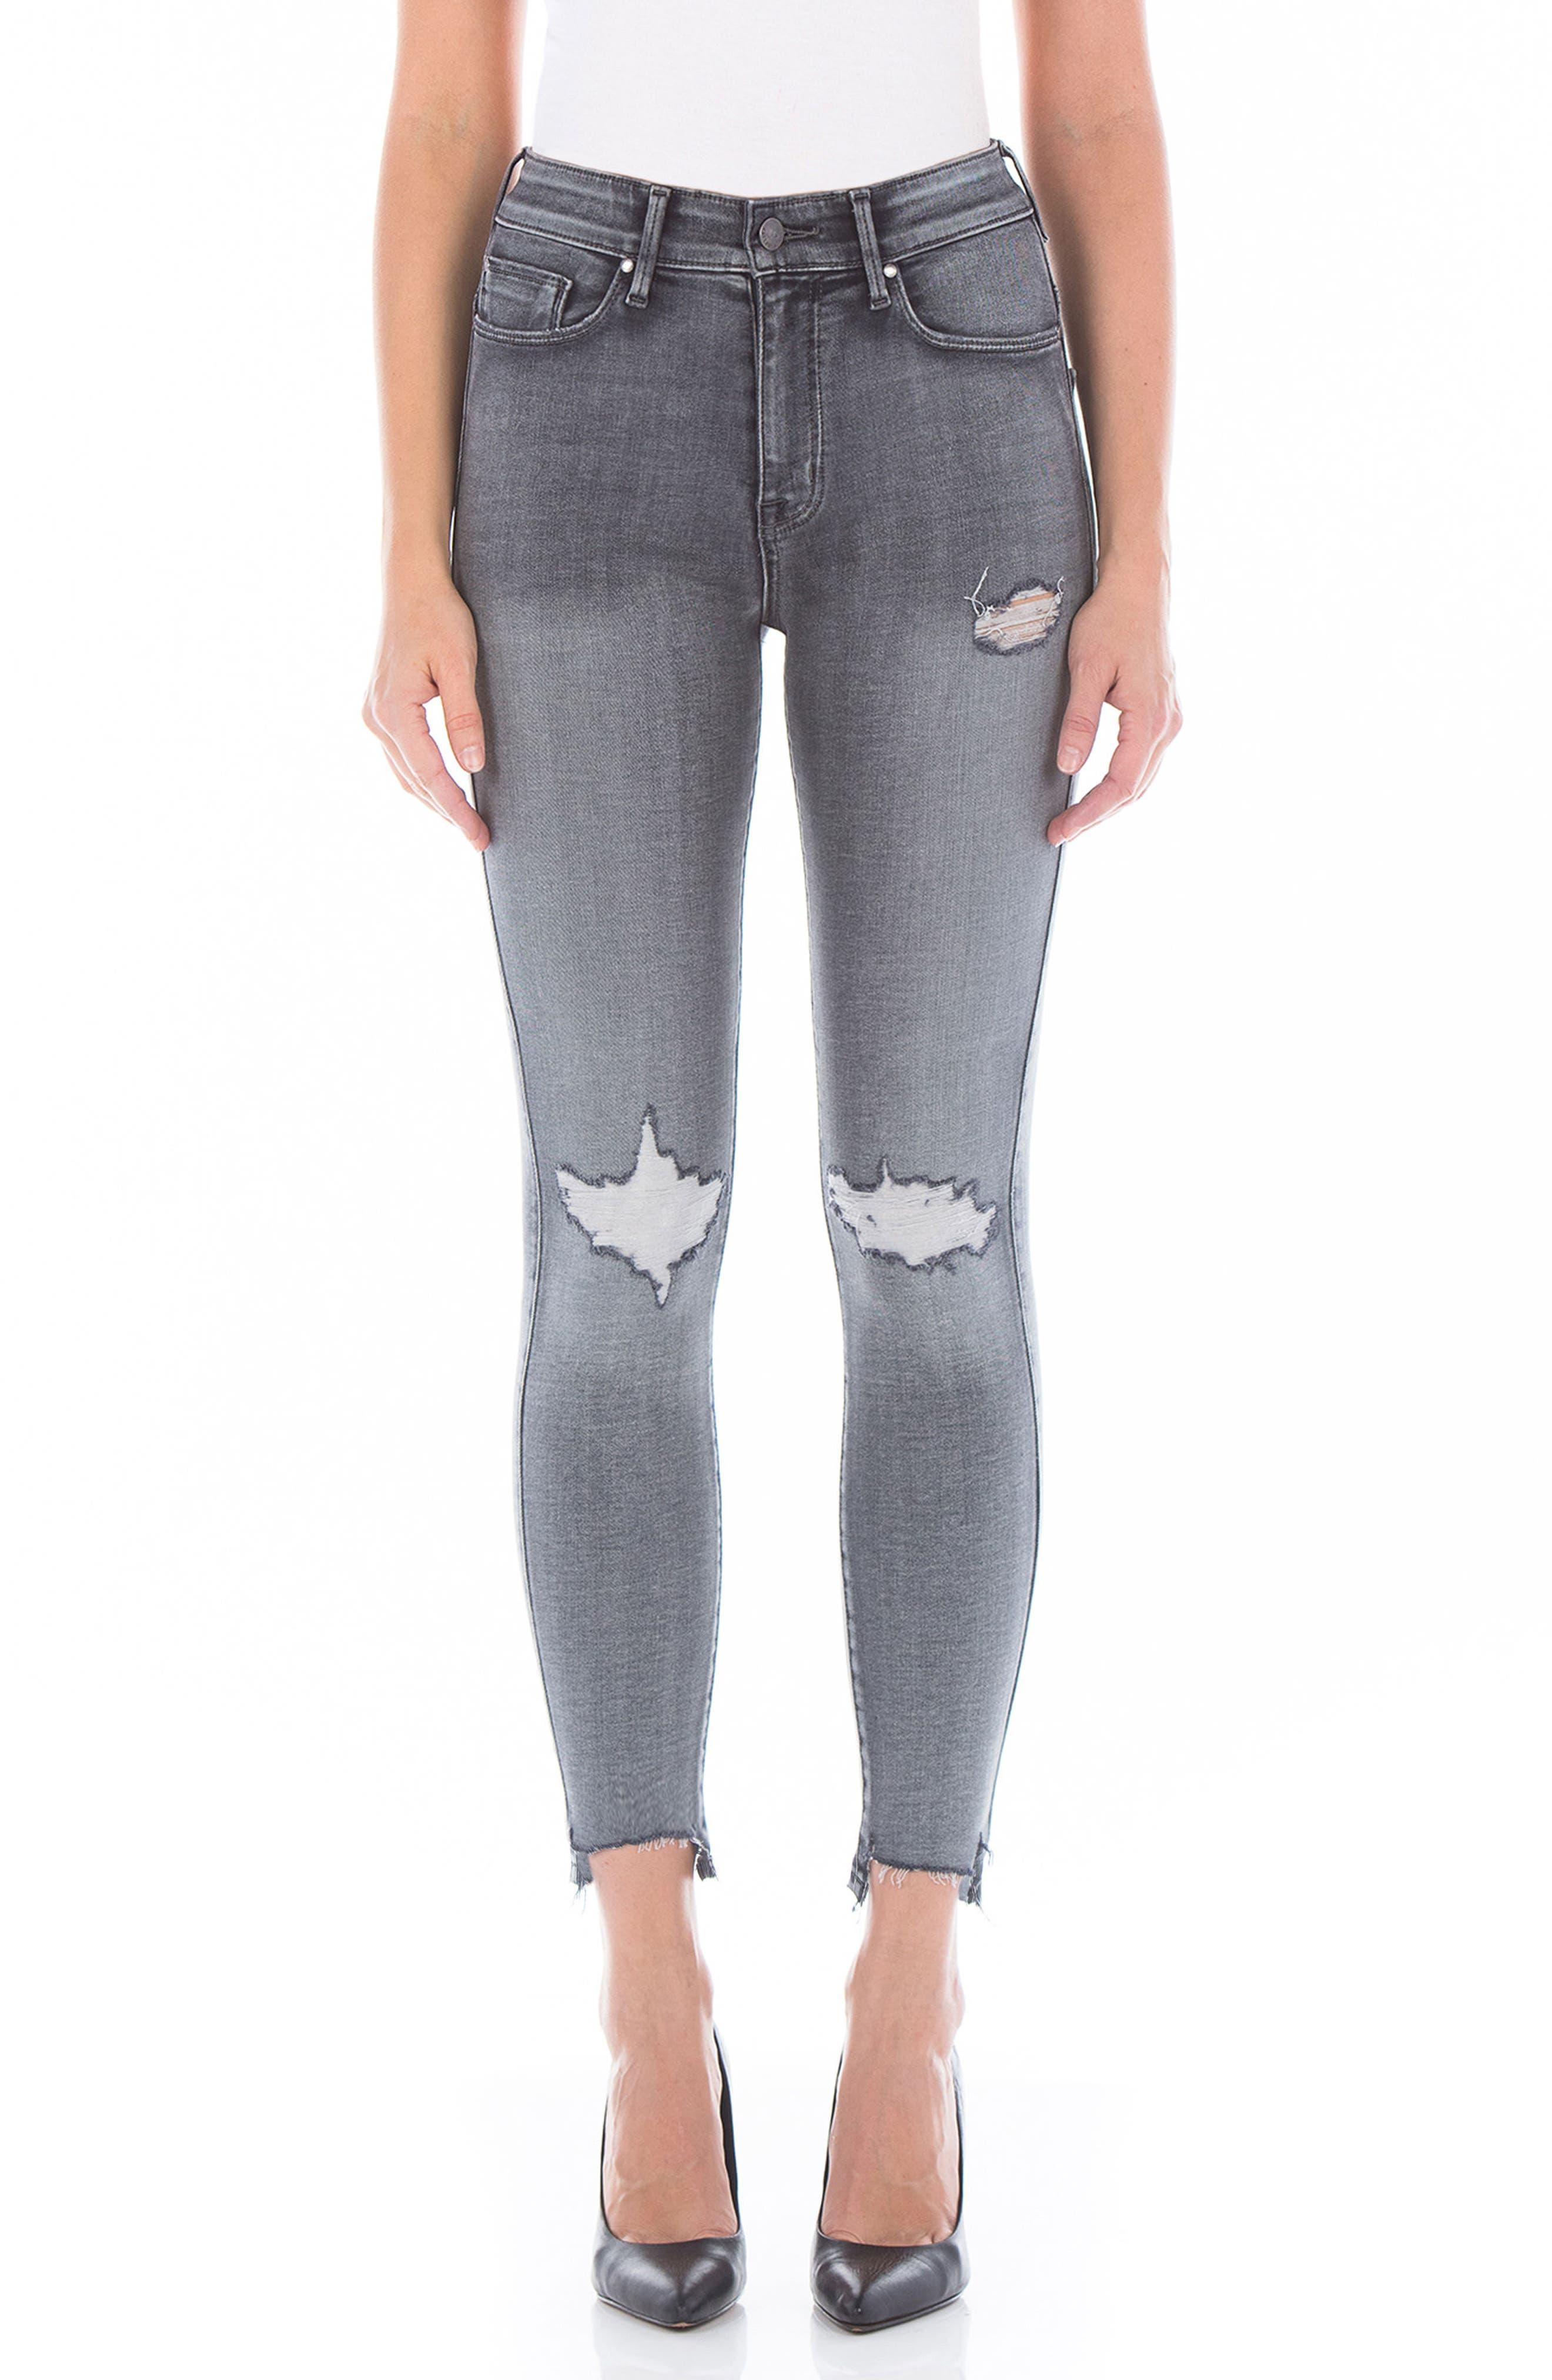 Fidelity Denim Luna High Waist Distressed Skinny Jeans (Wiseman)